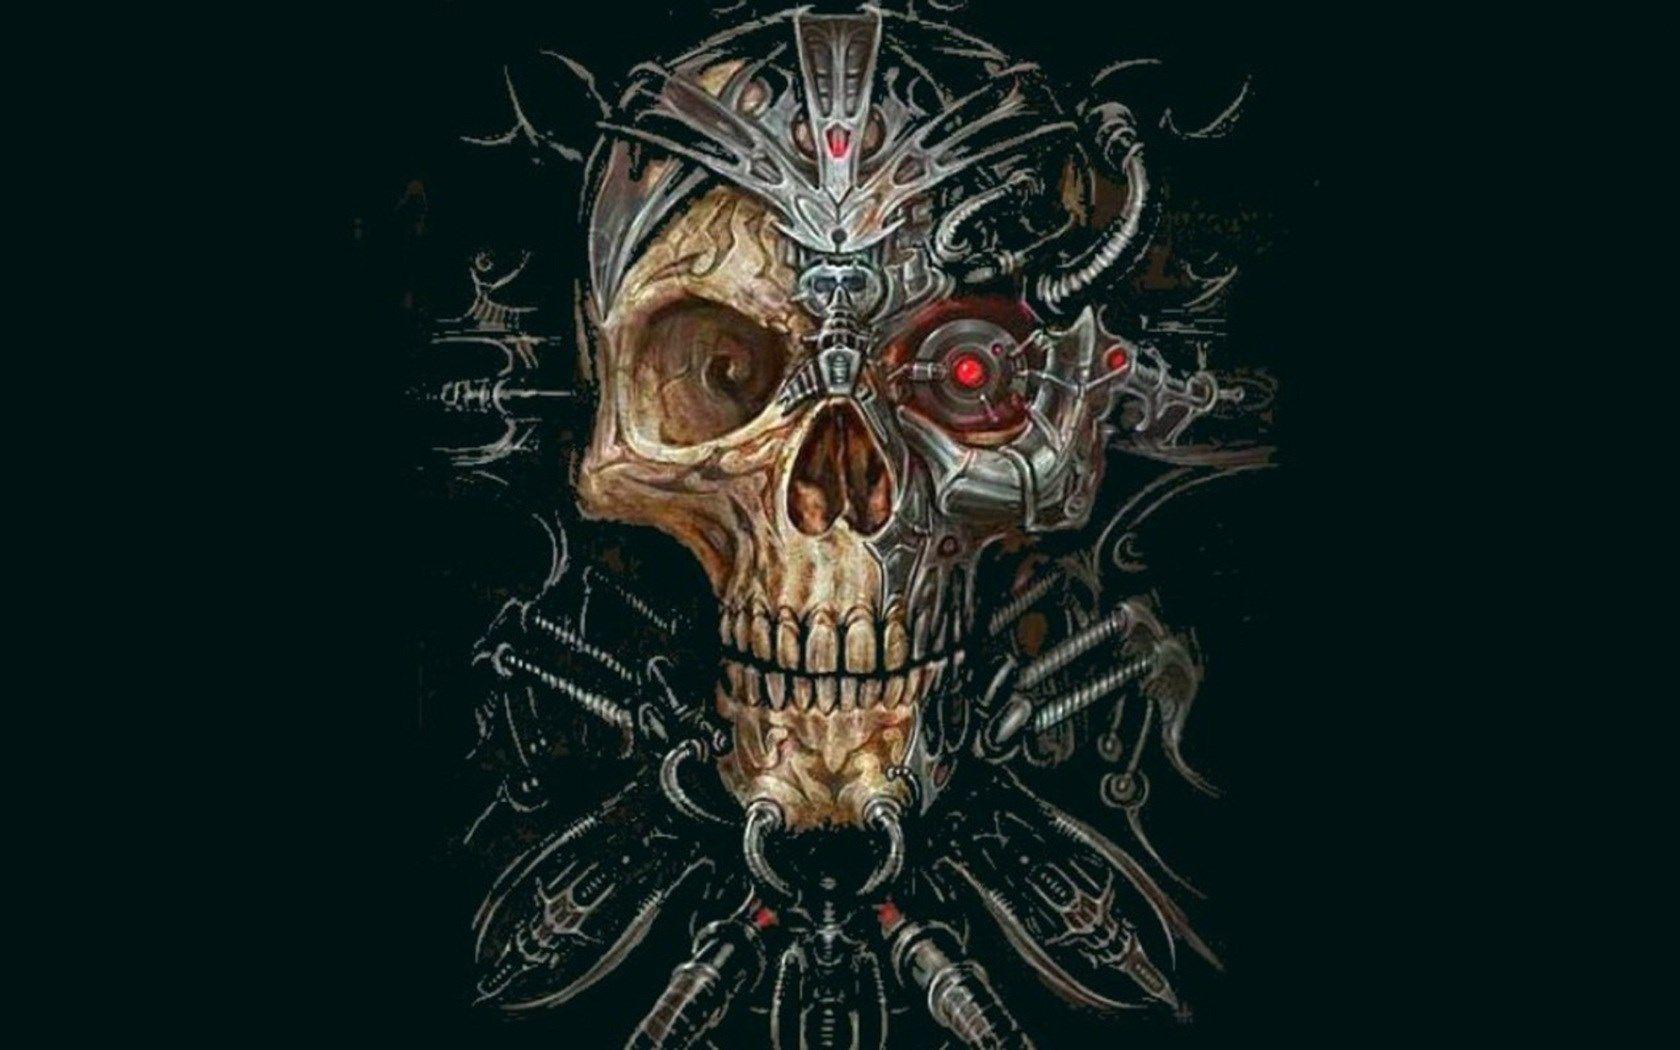 Skull Wallpaper Free For Desktop